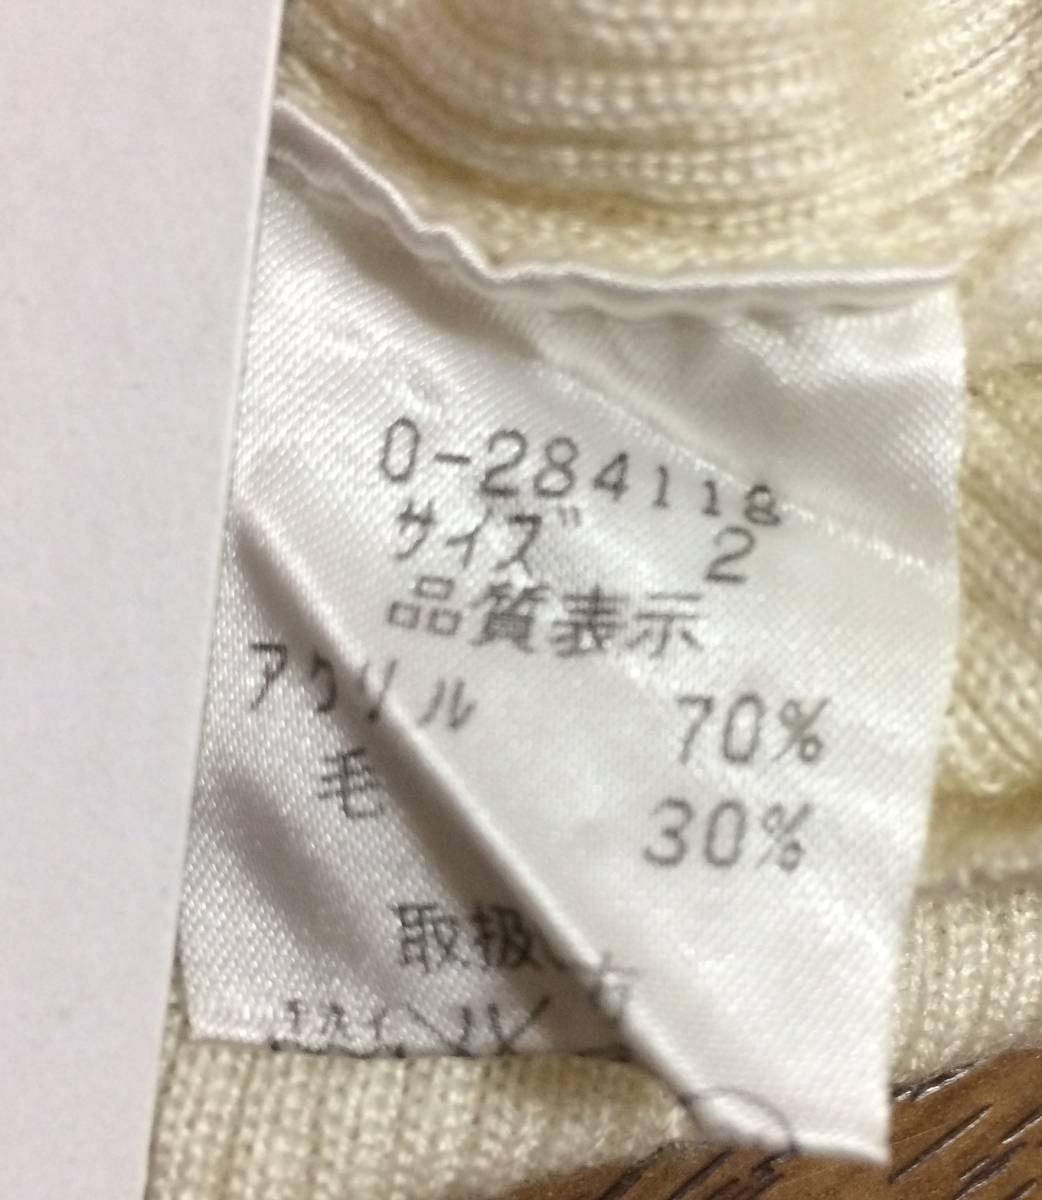 即決 ニット カーディガン Vネック フリル Premium by LAST SCENE ラストシーン 2 M 白 ホワイト エレガント モテ トップス_画像4